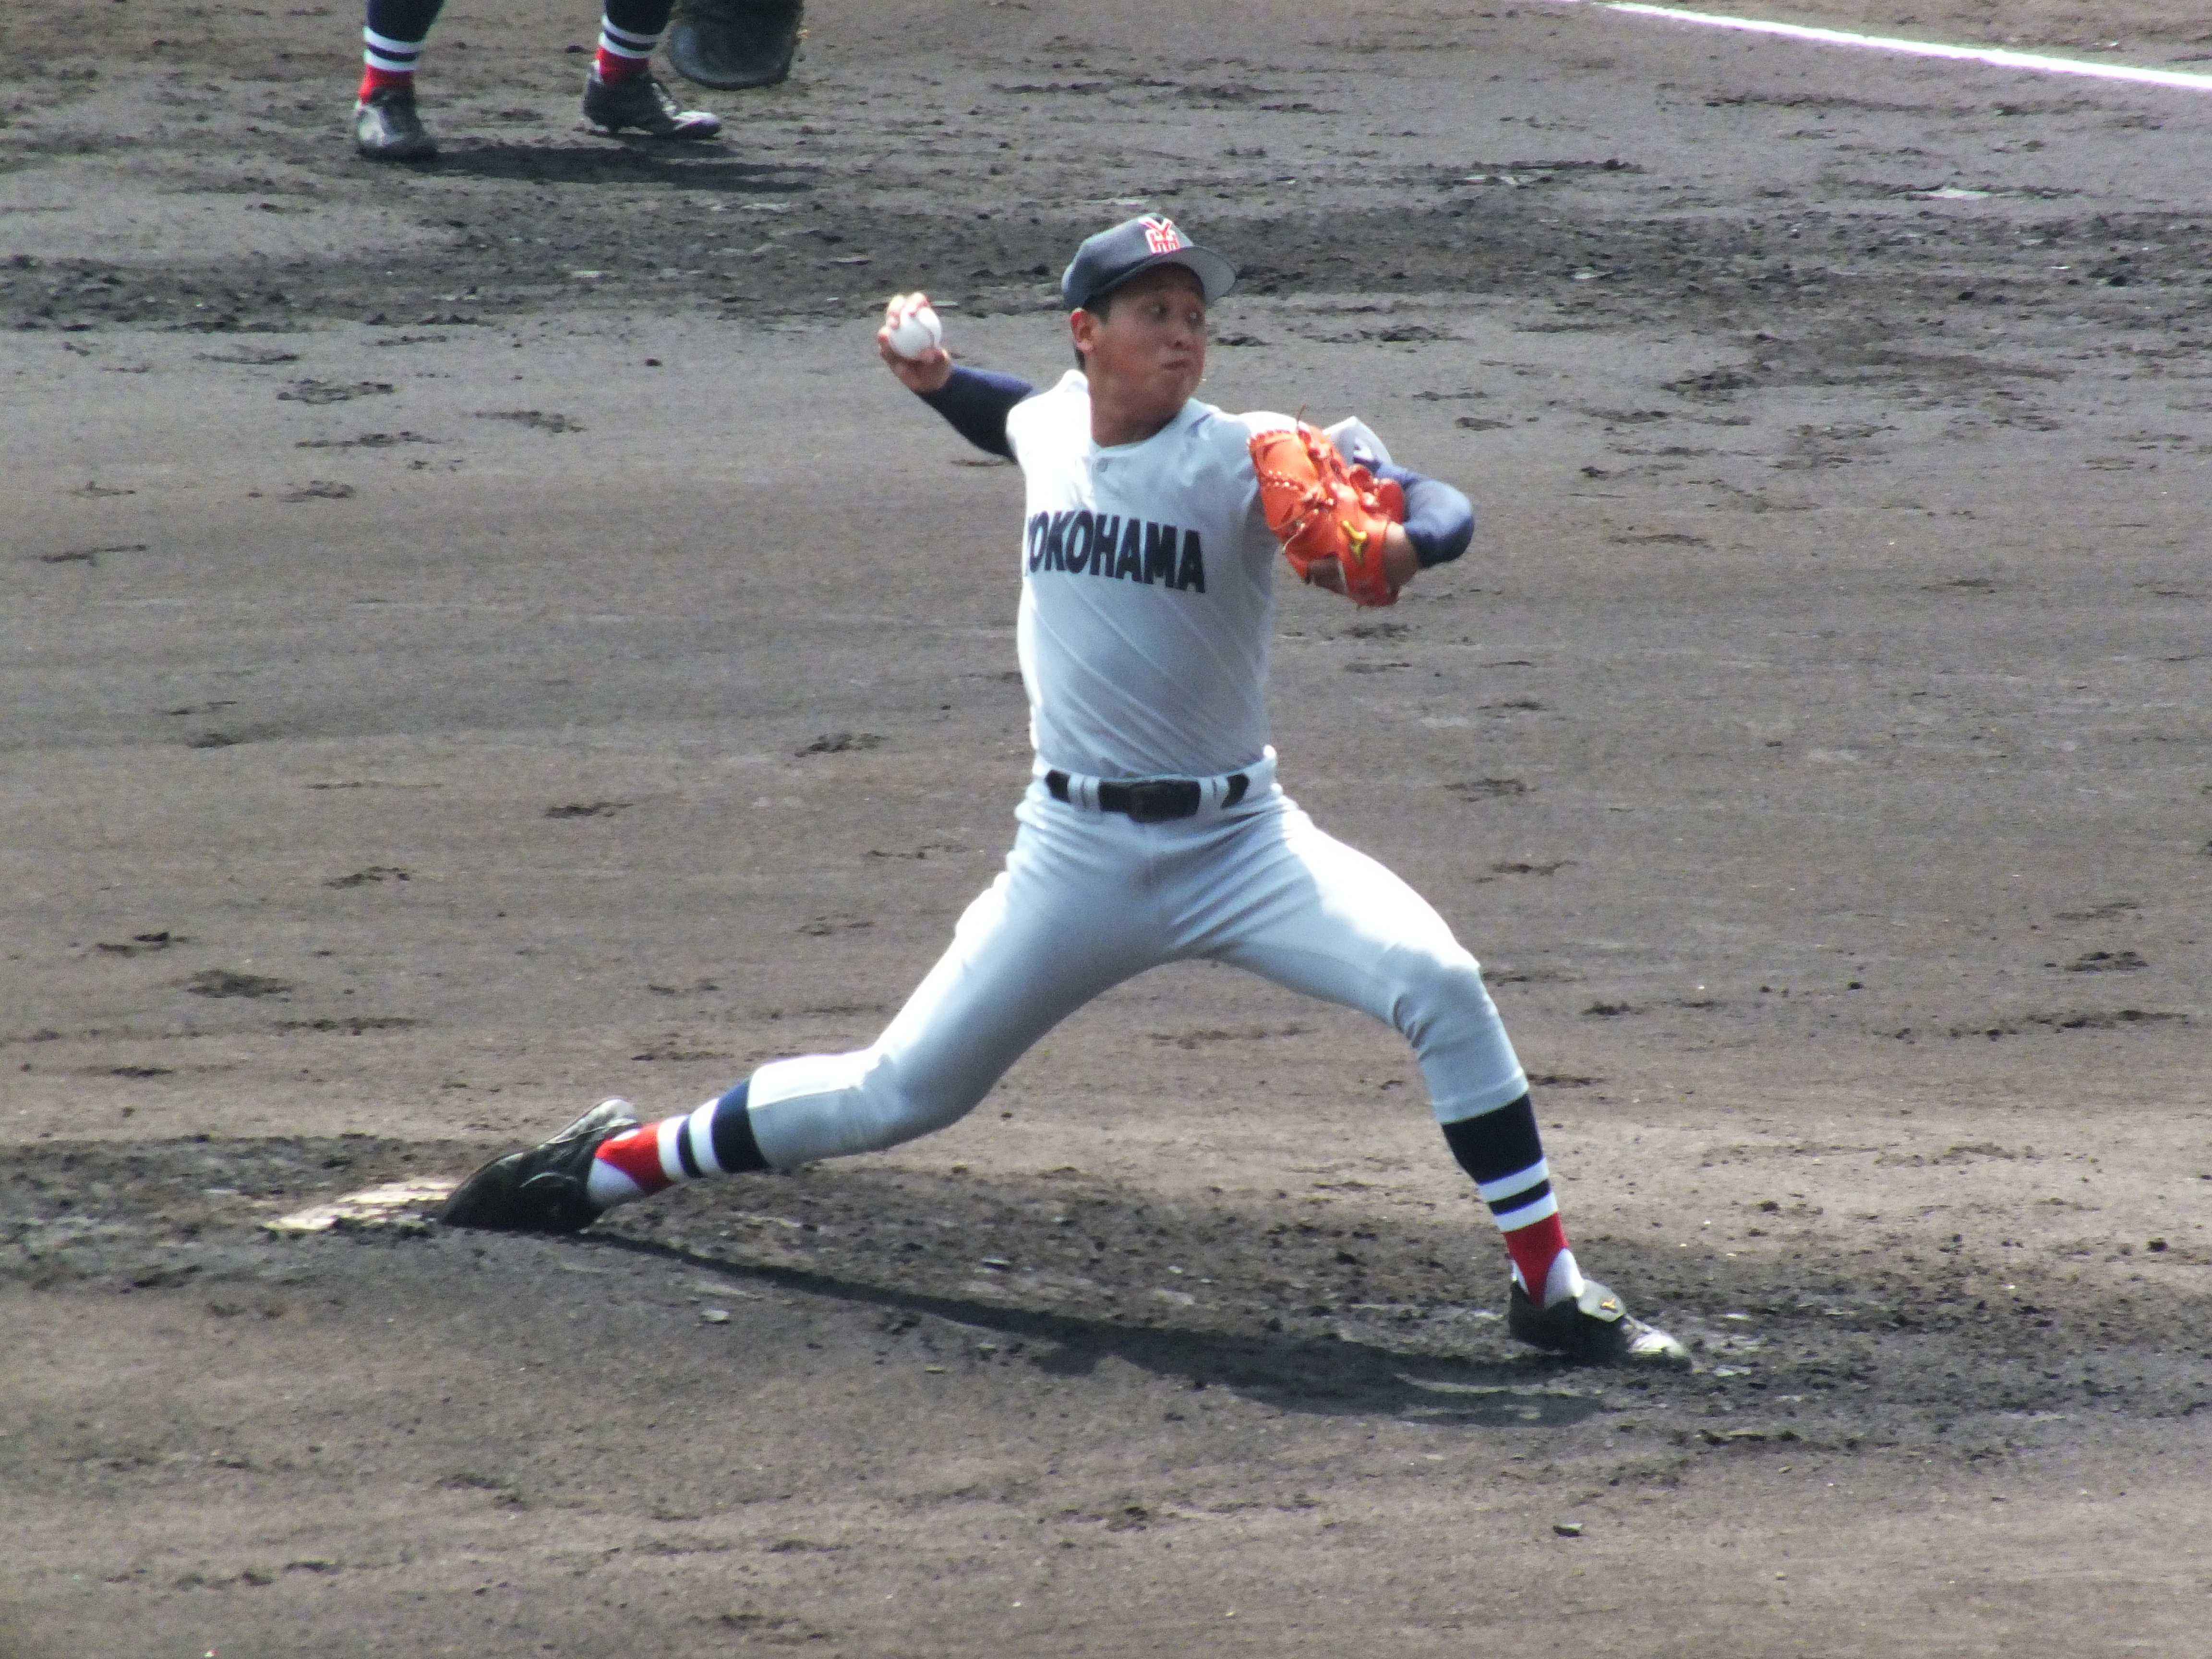 横浜高校・藤平尚真投手のピッチングフォーム